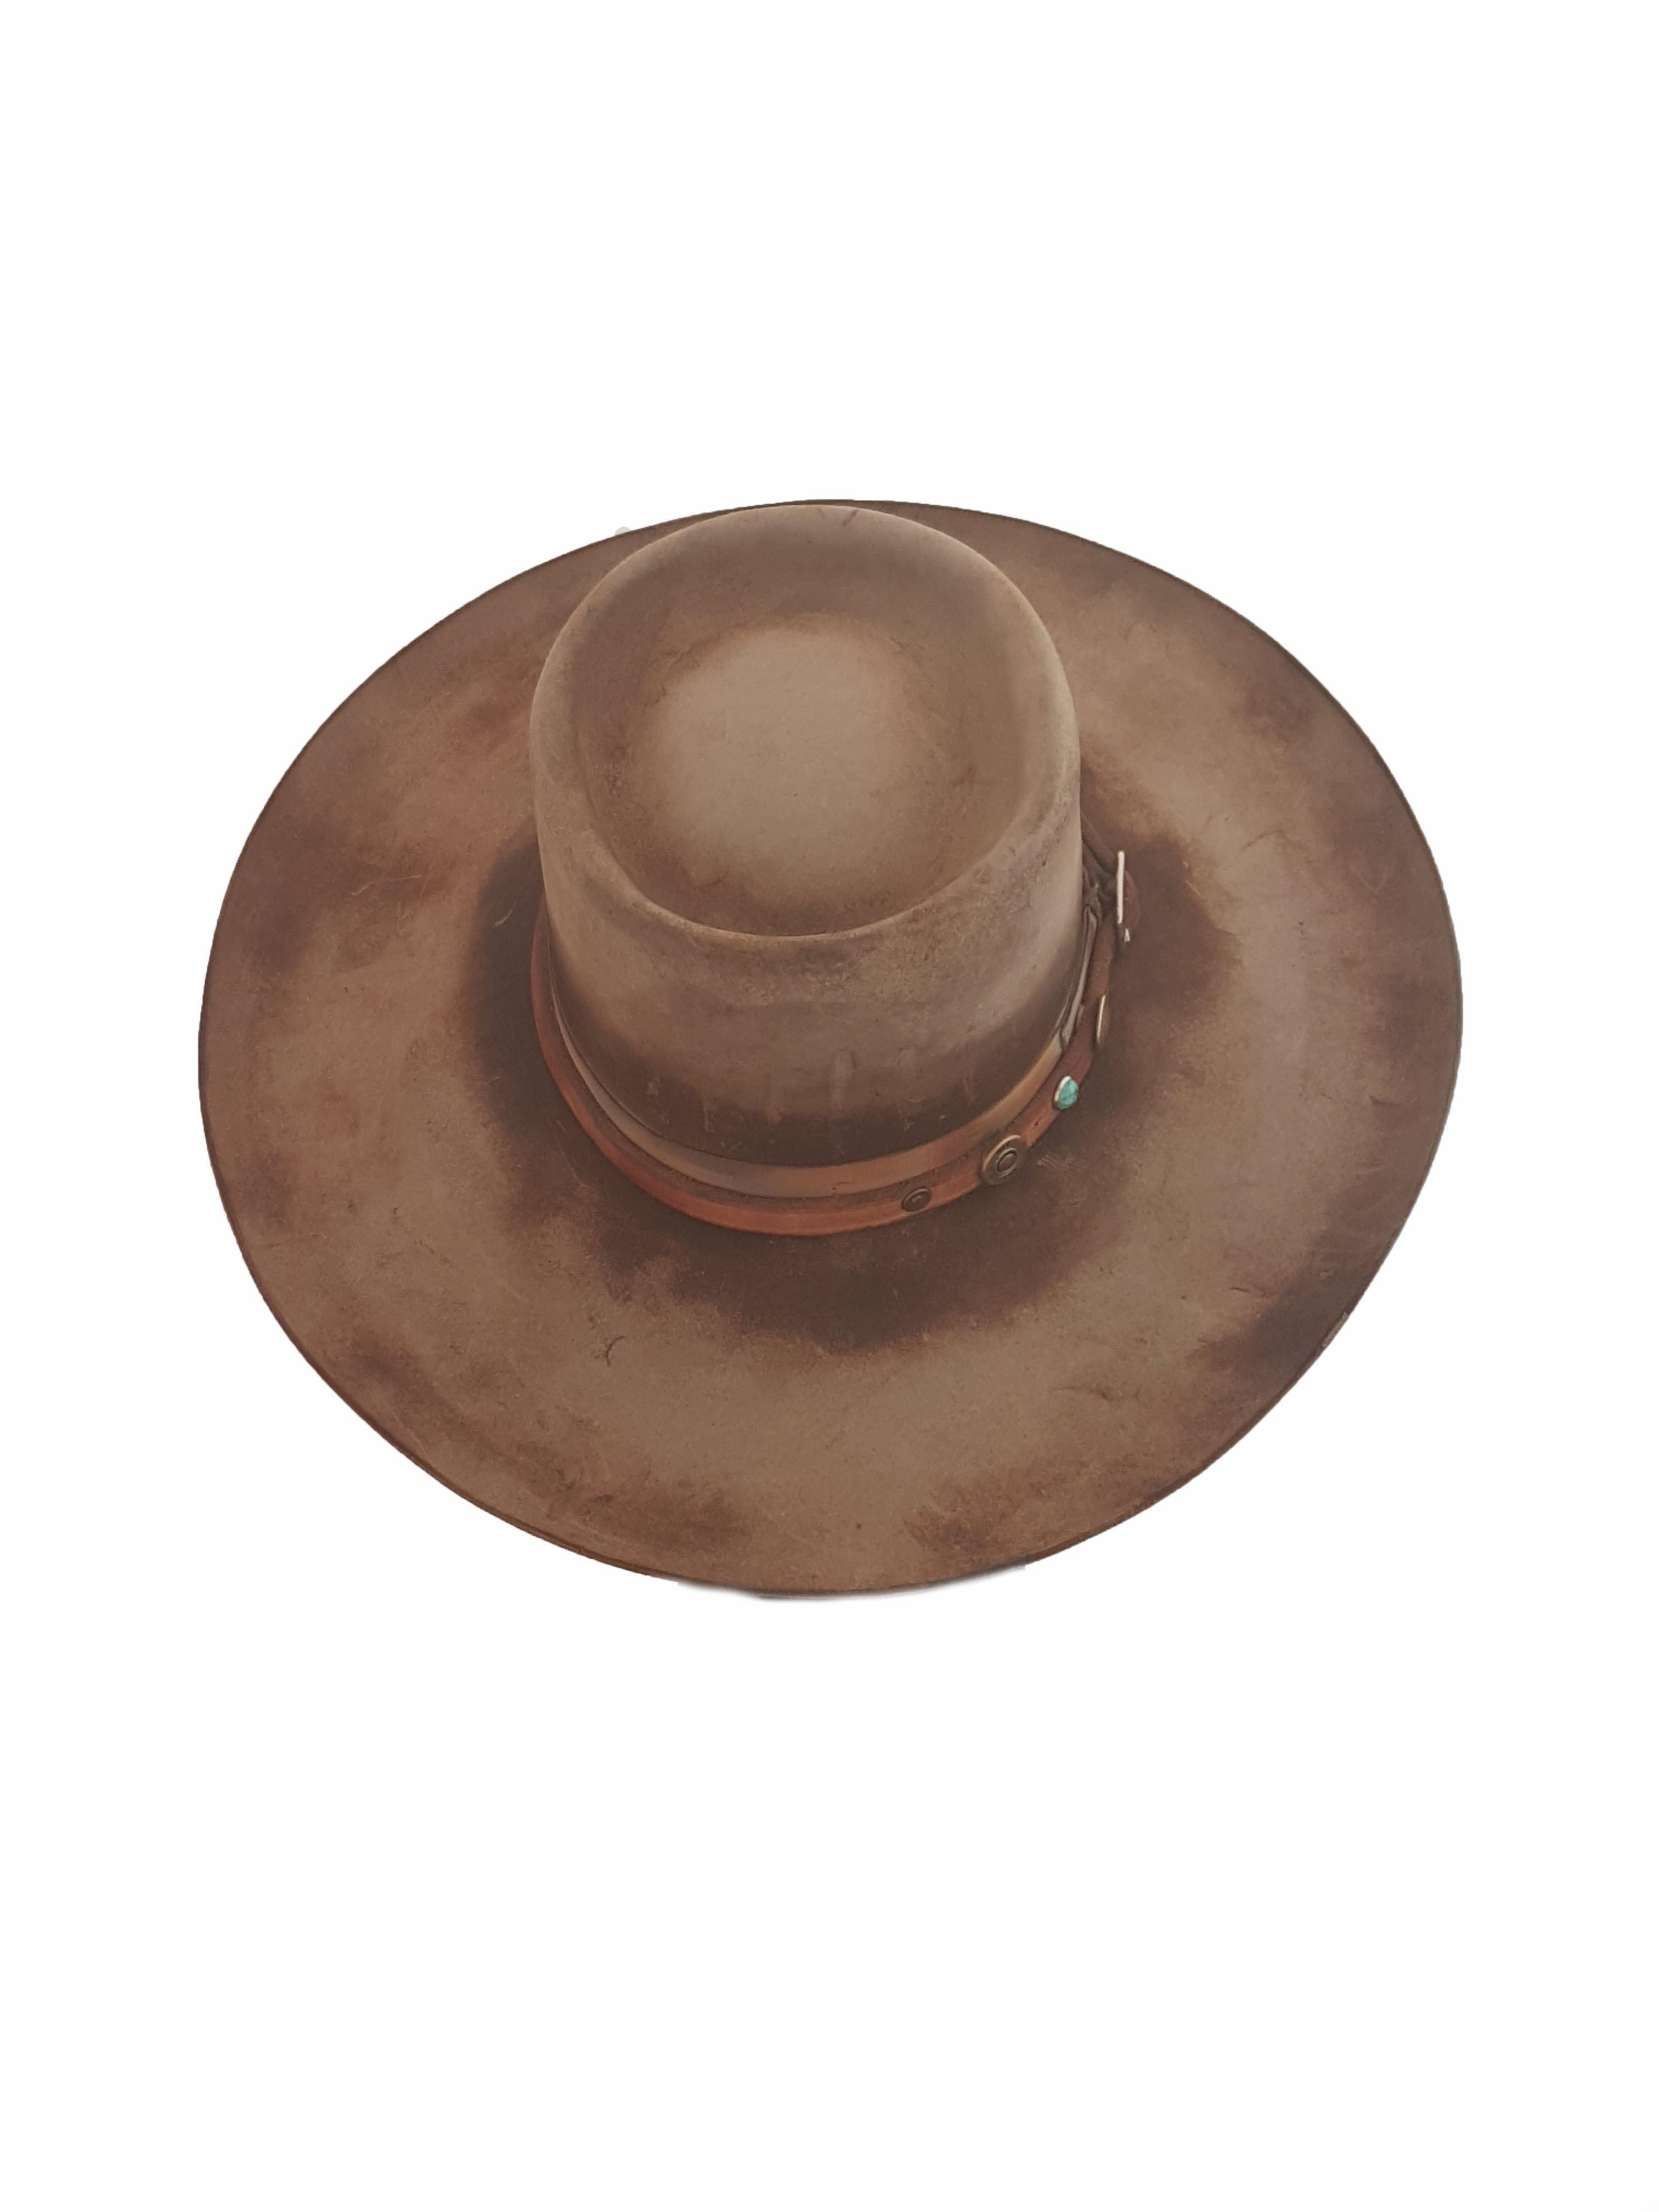 04281283479 DTT-040418004 - Smithbilt Hats Inc.